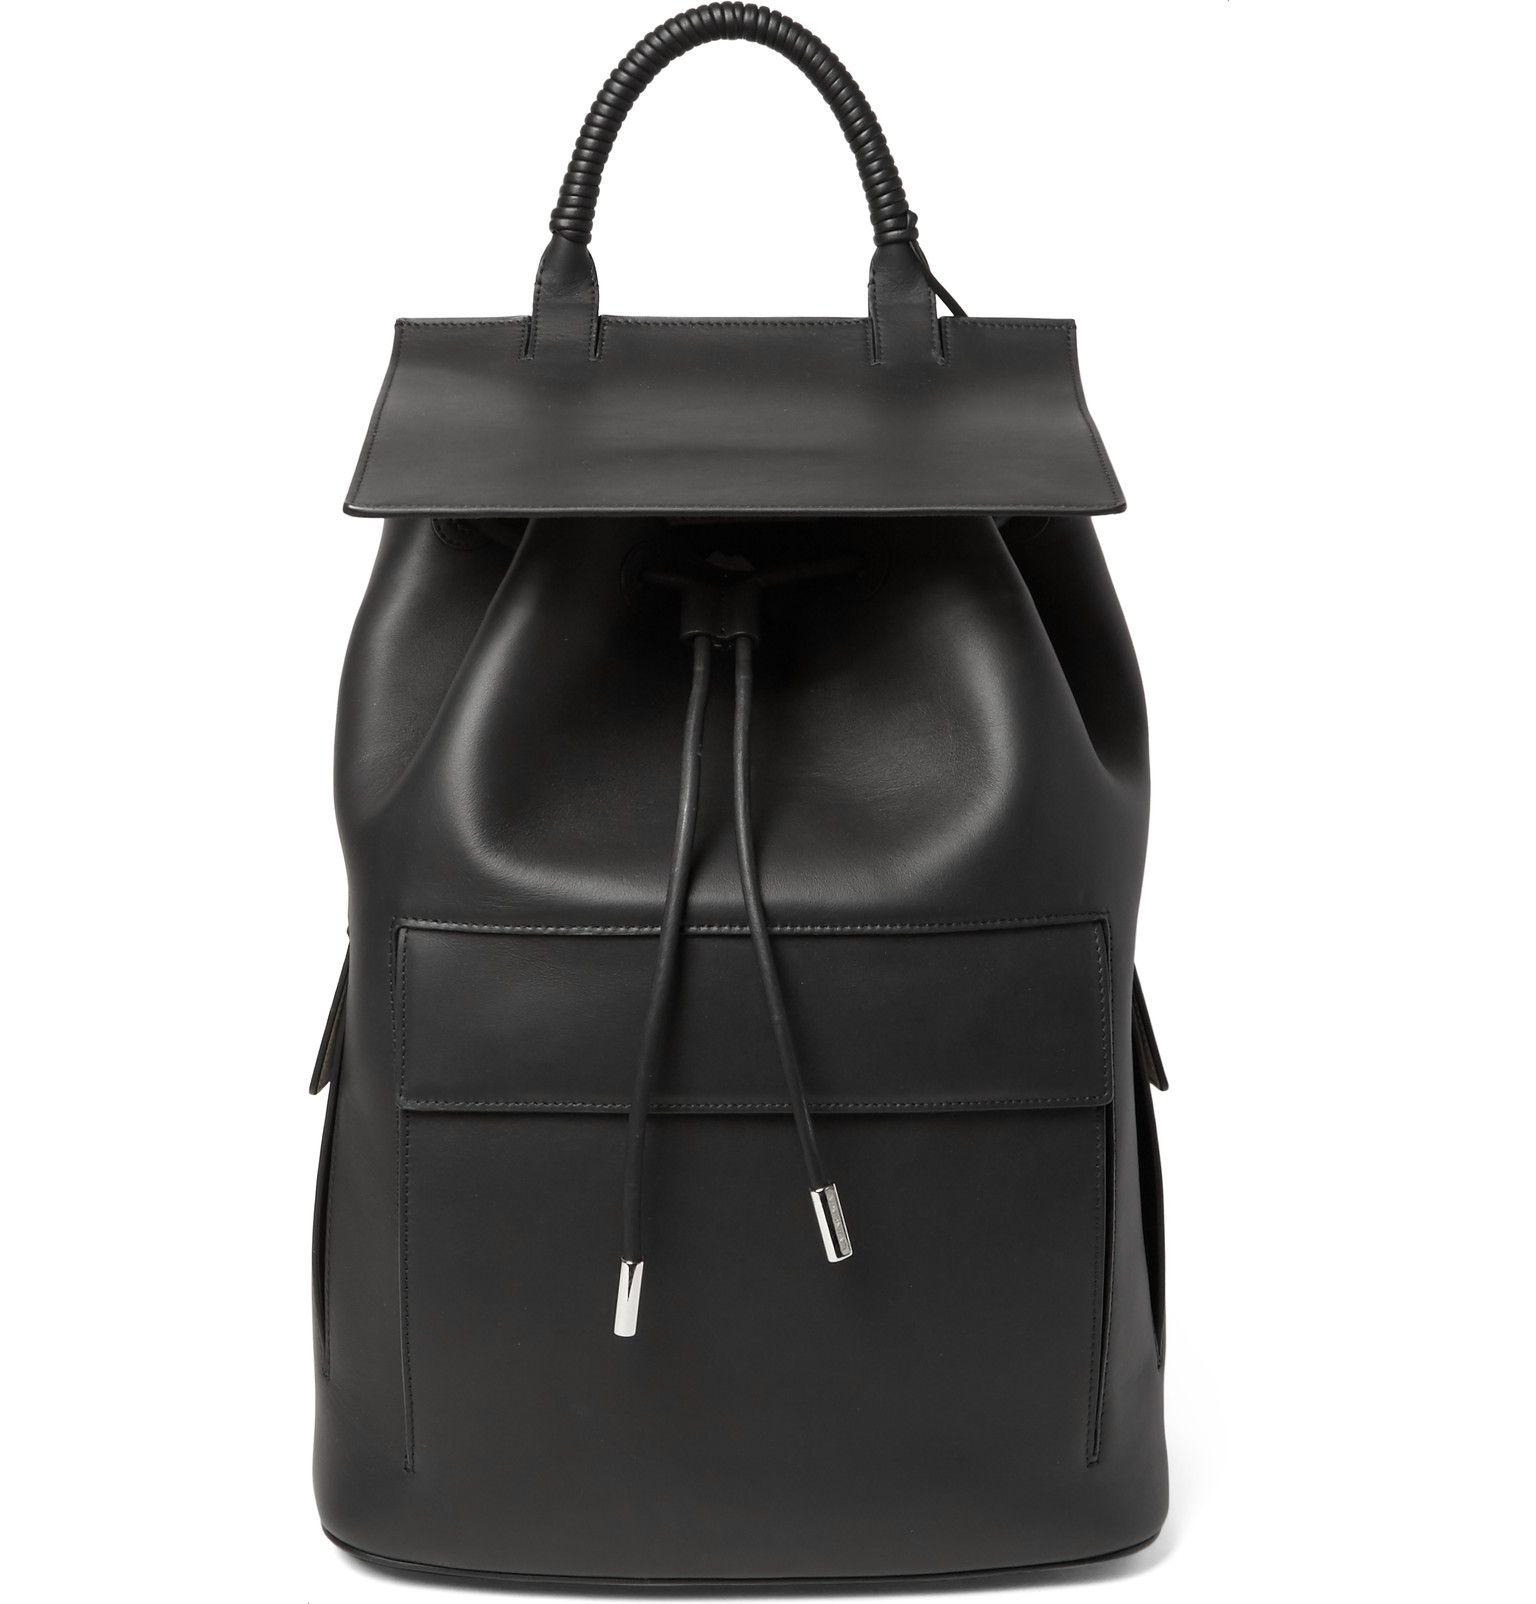 a54ce2c143 Balenciaga Sac à Dos Homme couleur Noir - Découvrez la dernière collection  et achetez Homme sur la boutique en ligne officielle. | Bags | Sac à dos  homme, ...